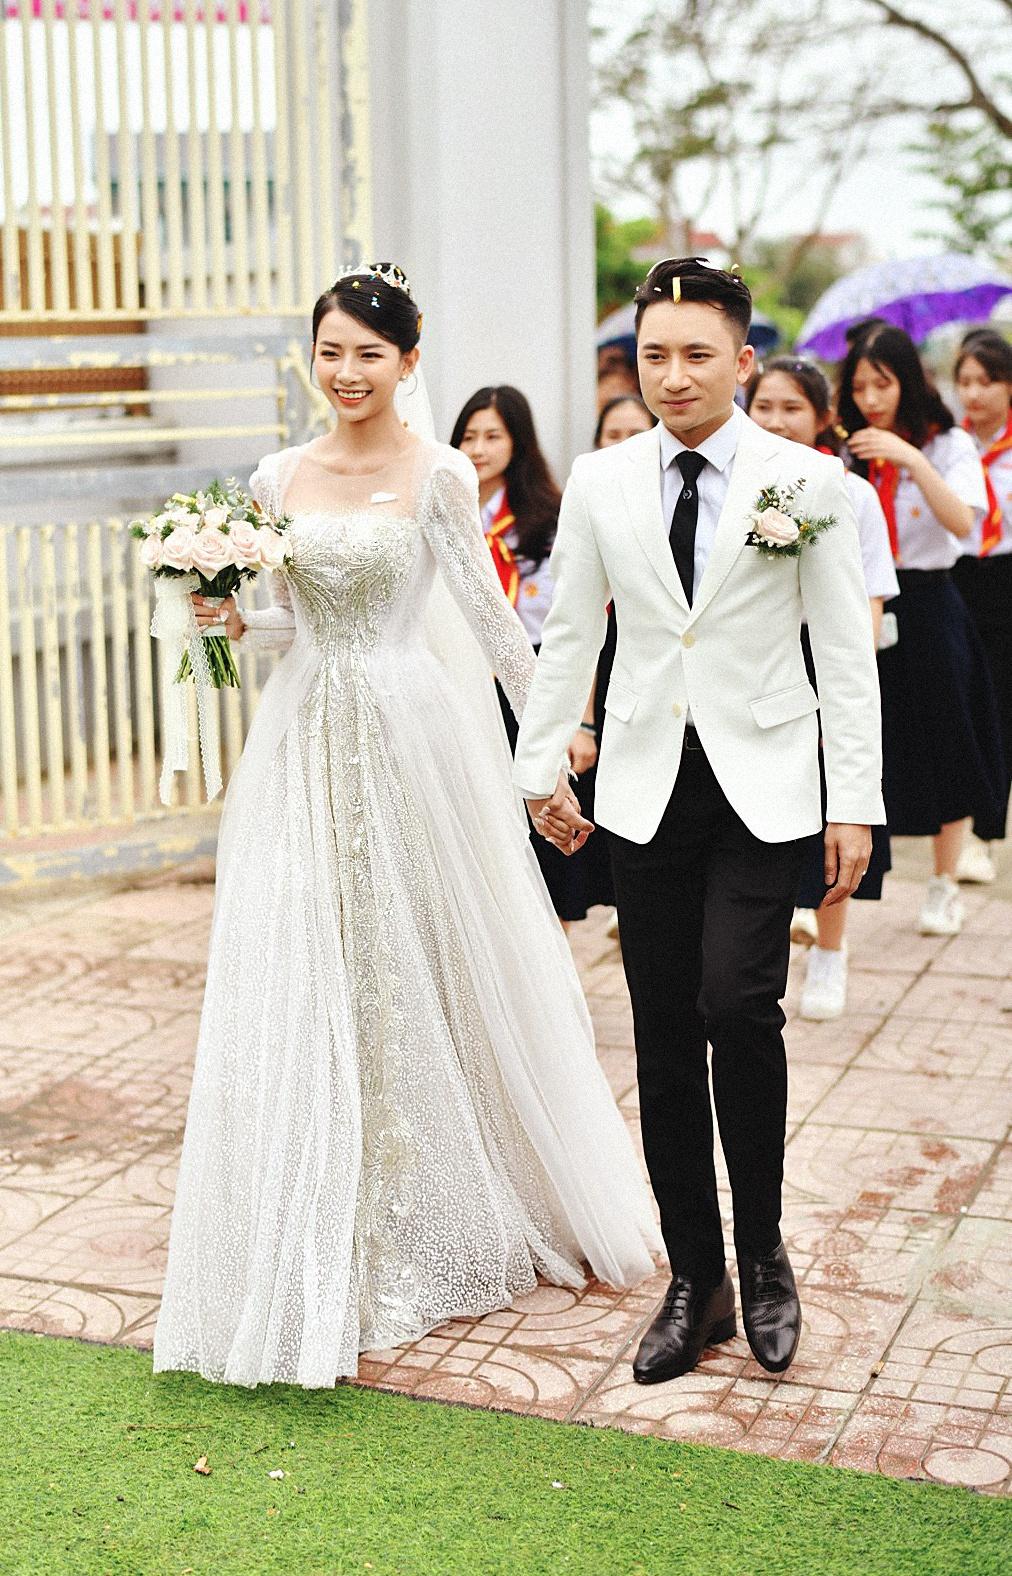 Hot girl đeo vàng nặng trĩu cổ trong lễ cưới với Phan Mạnh Quỳnh